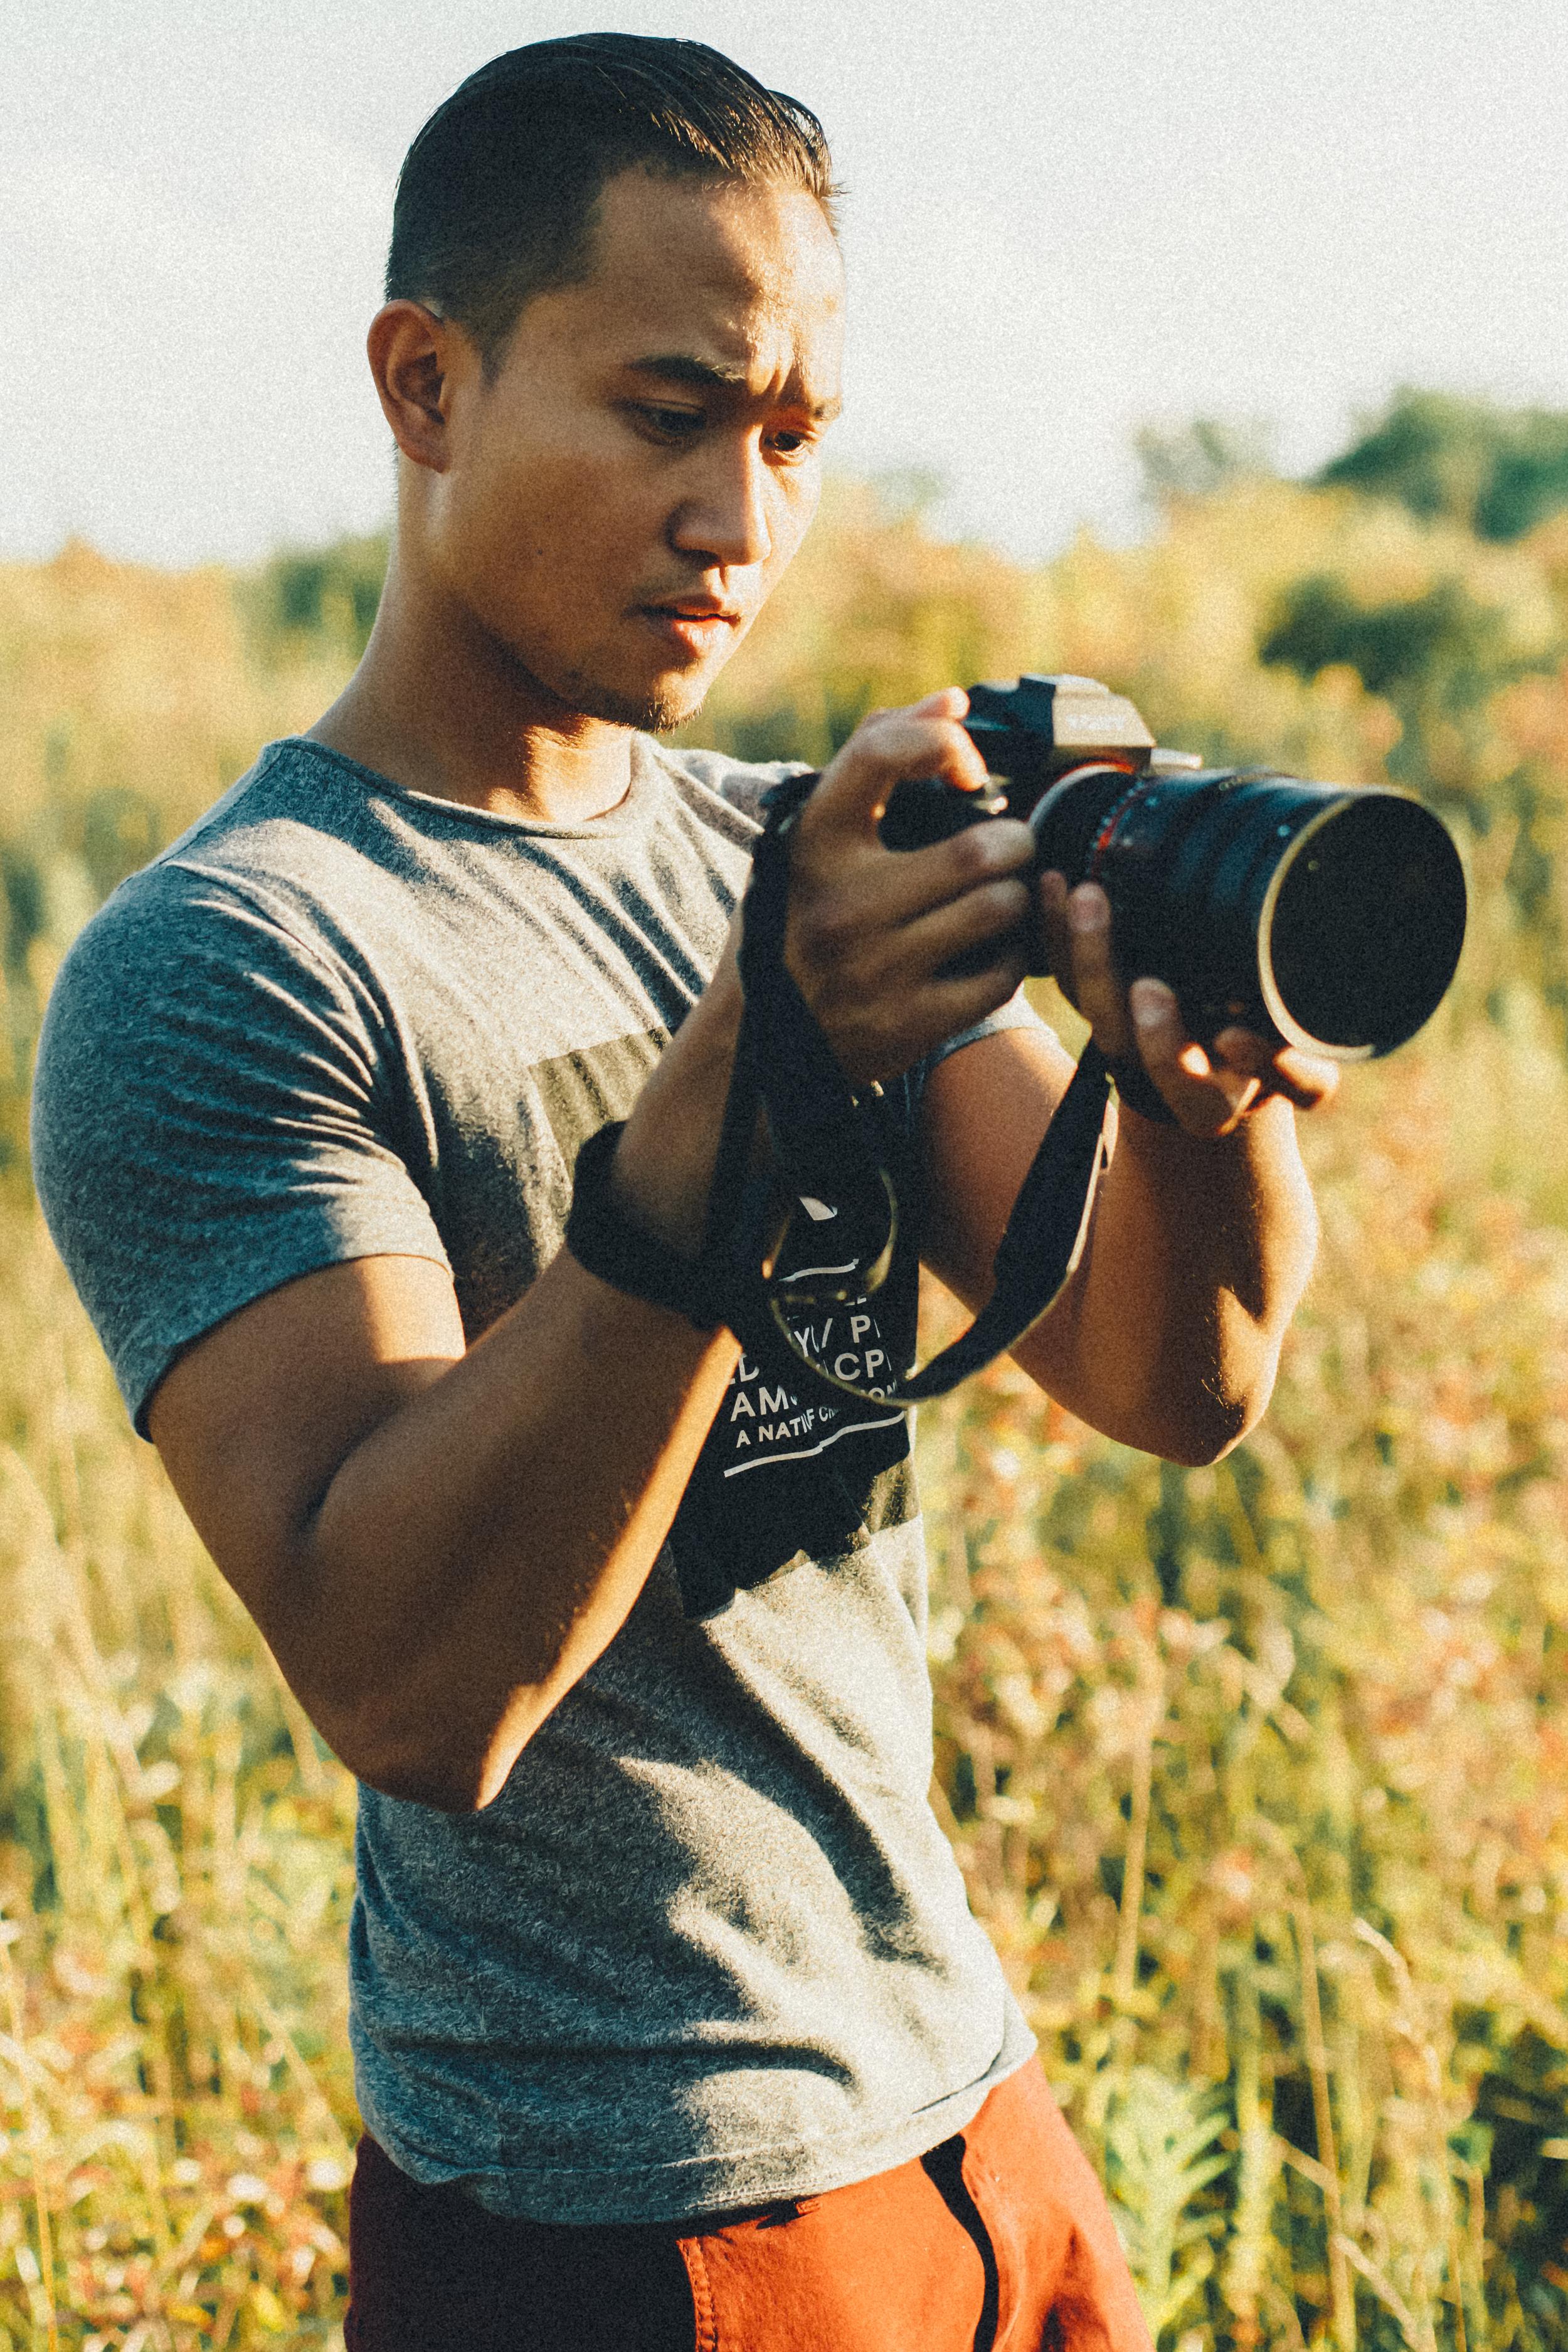 Aaron Daniel Films - More About Me Blogpost Photo